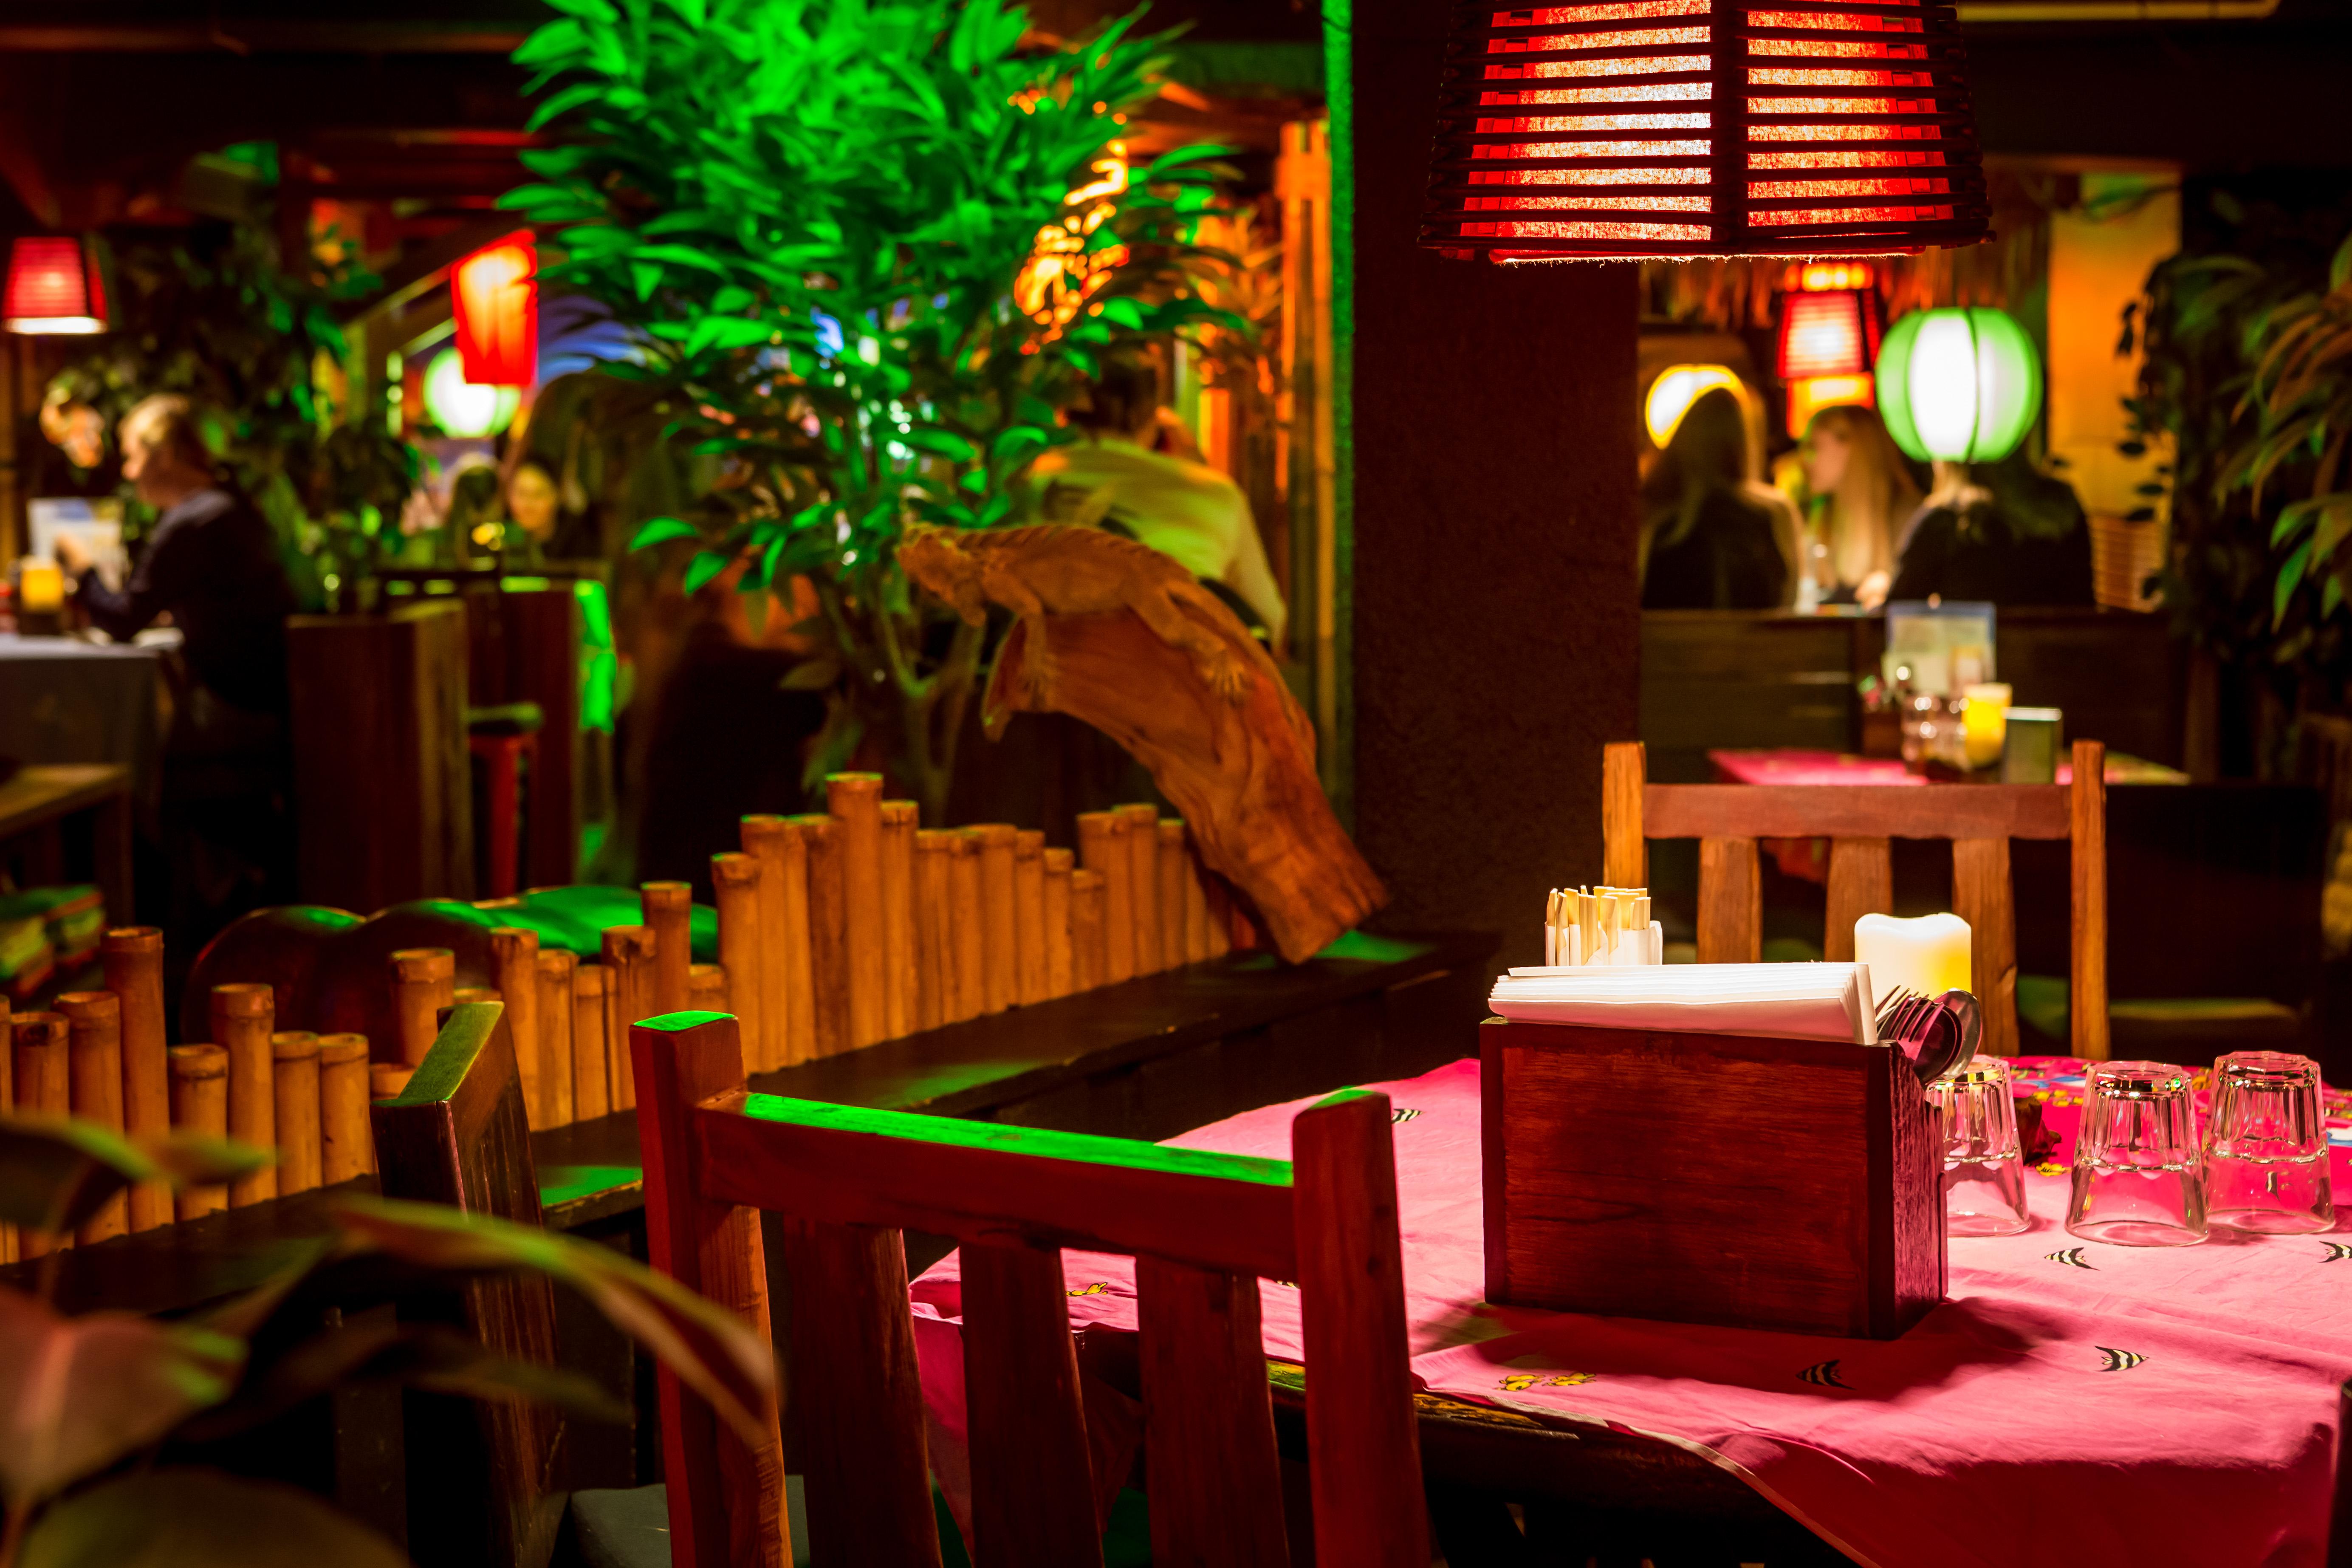 kristiansand massasje romantiske restauranter oslo